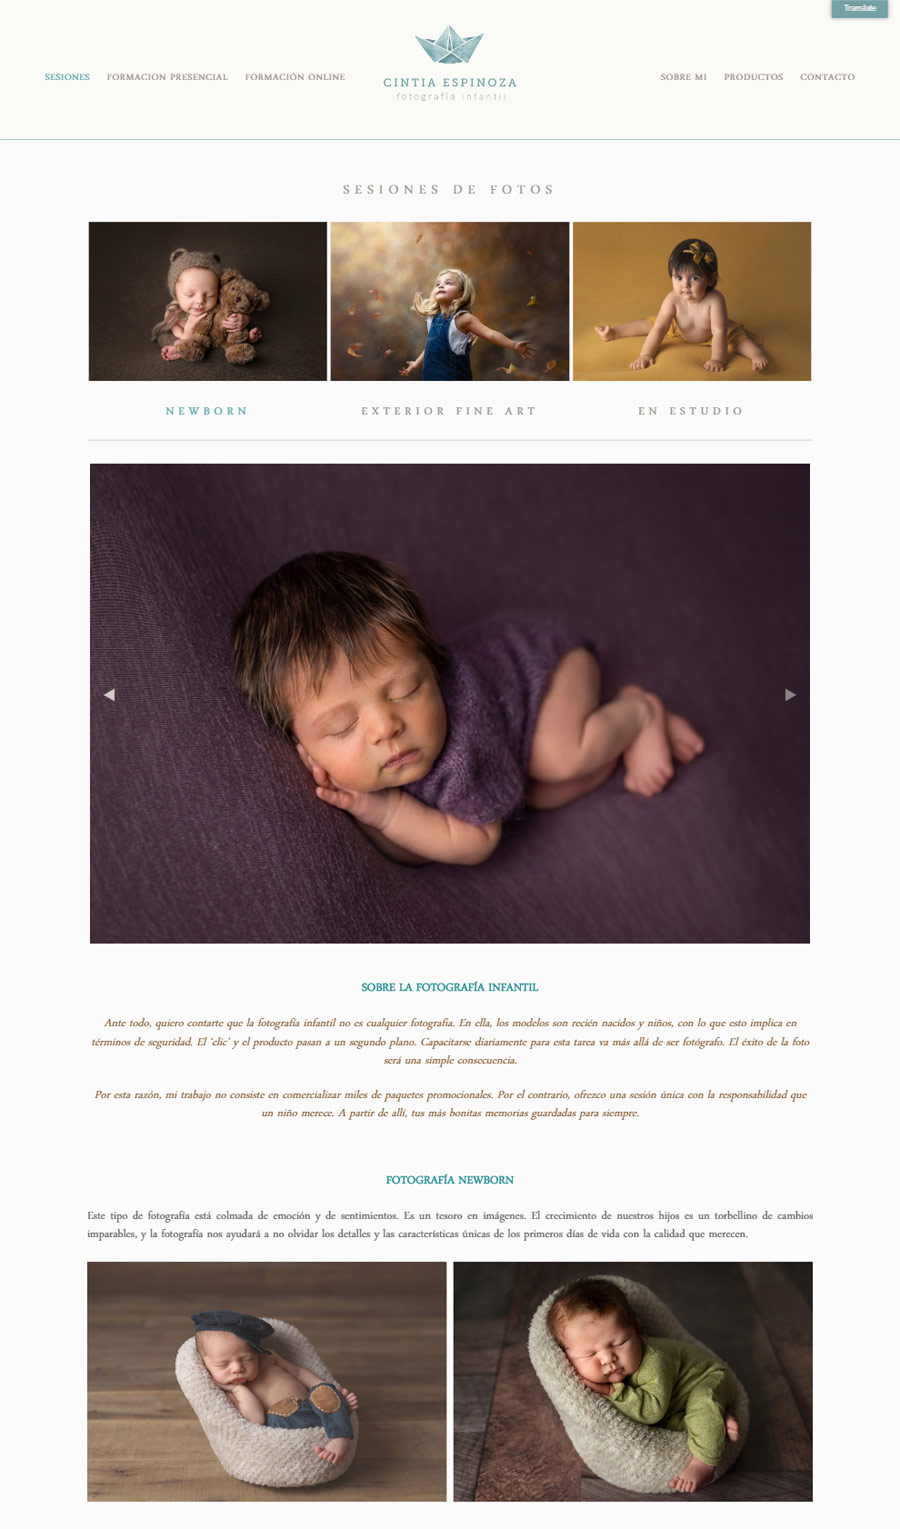 Sesiones de fotos de la web de Cintia Espinoza, fotógrafa infantil